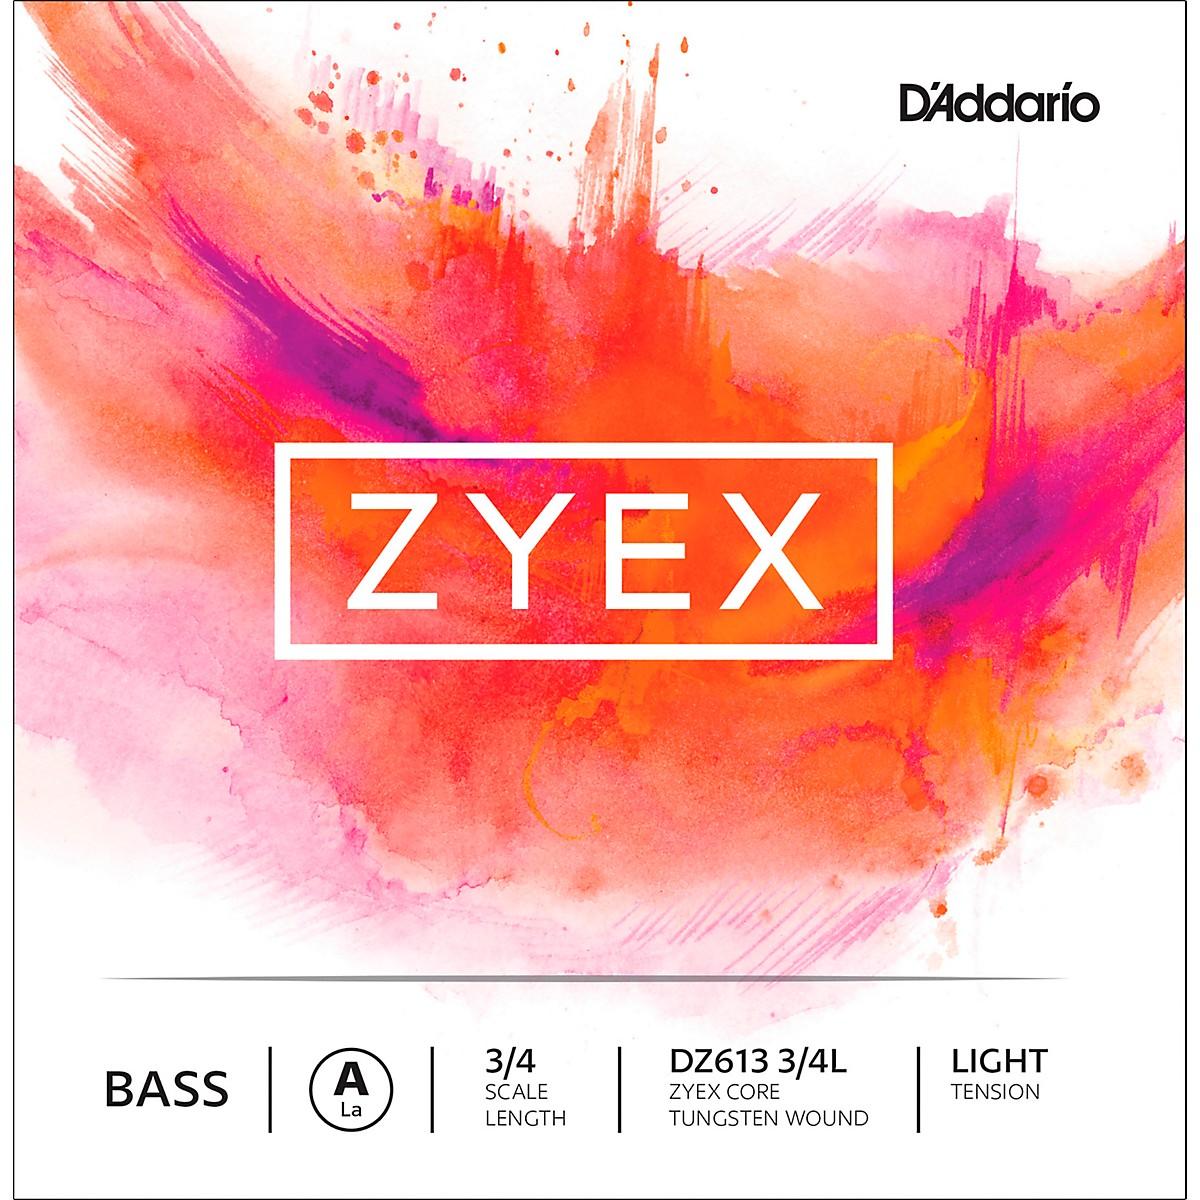 D'Addario DZ613 Zyex 3/4 Bass Single A String